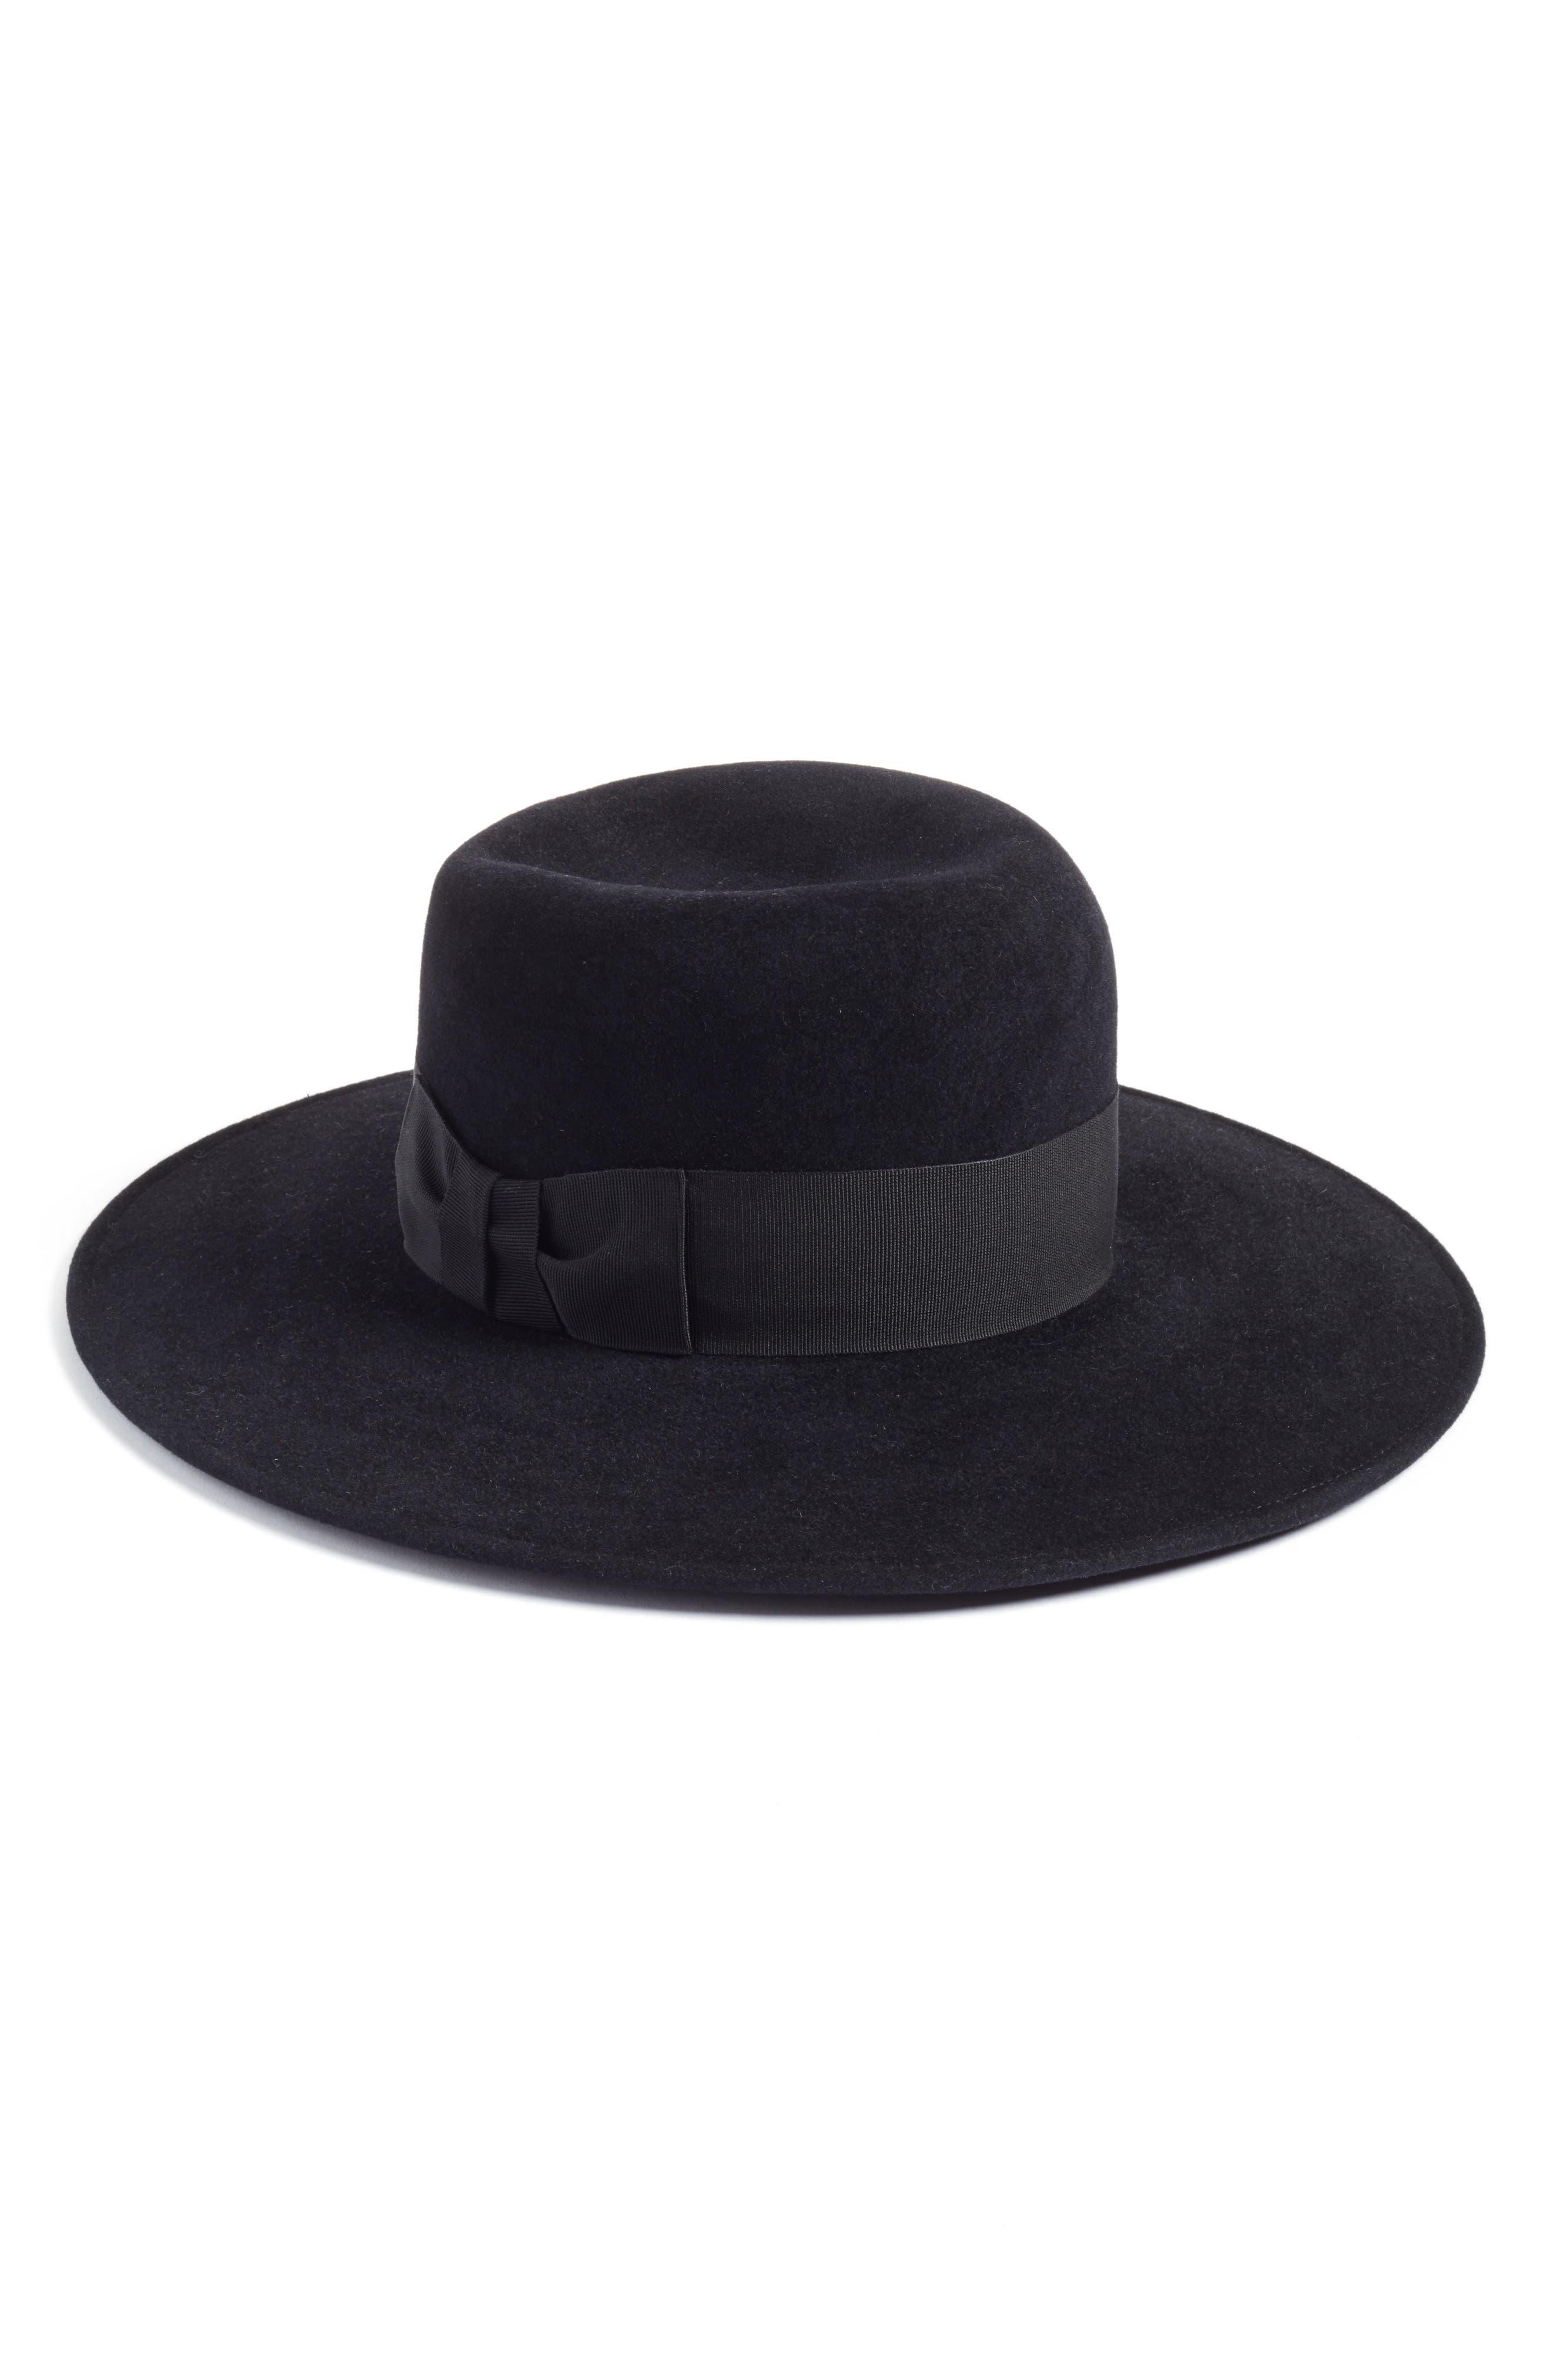 Velour Padre Fur Felt Wide Brim Hat,                             Main thumbnail 1, color,                             001